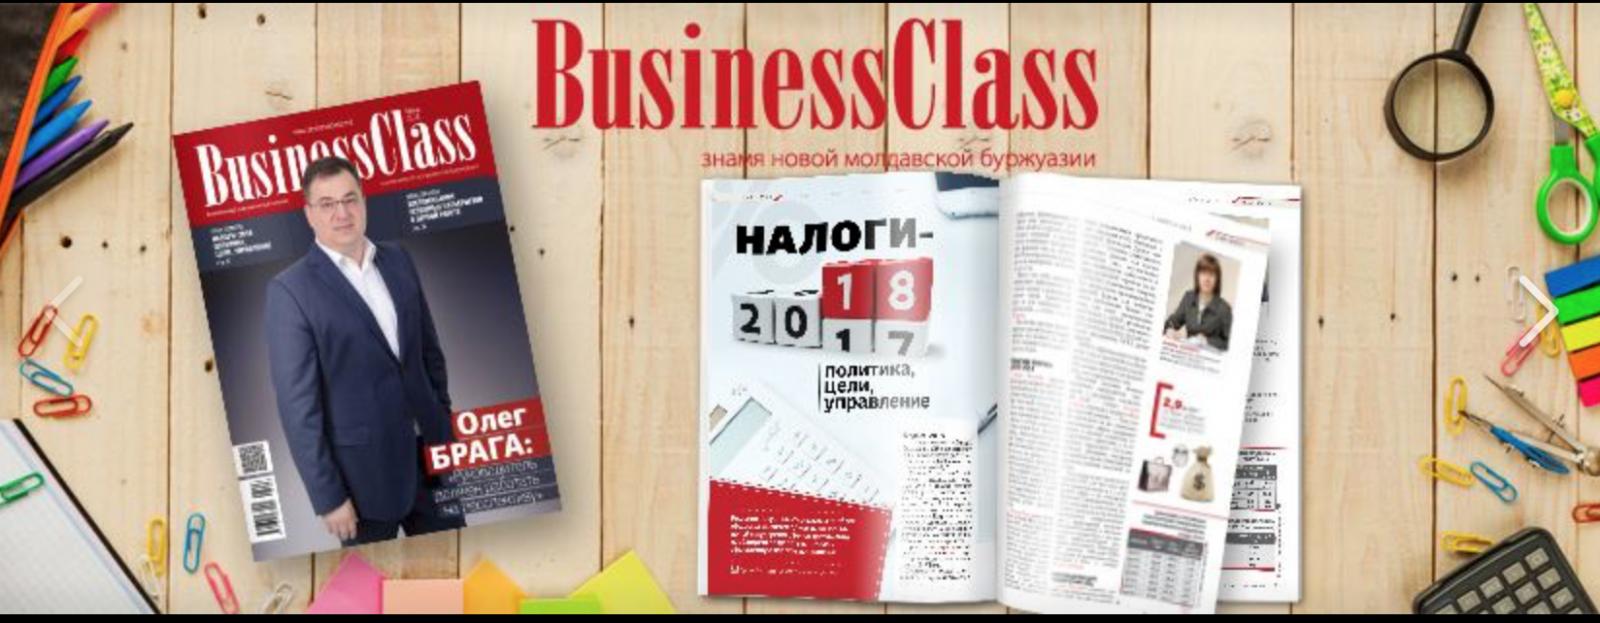 Ultima revistă Business Class este în vânzare acum!